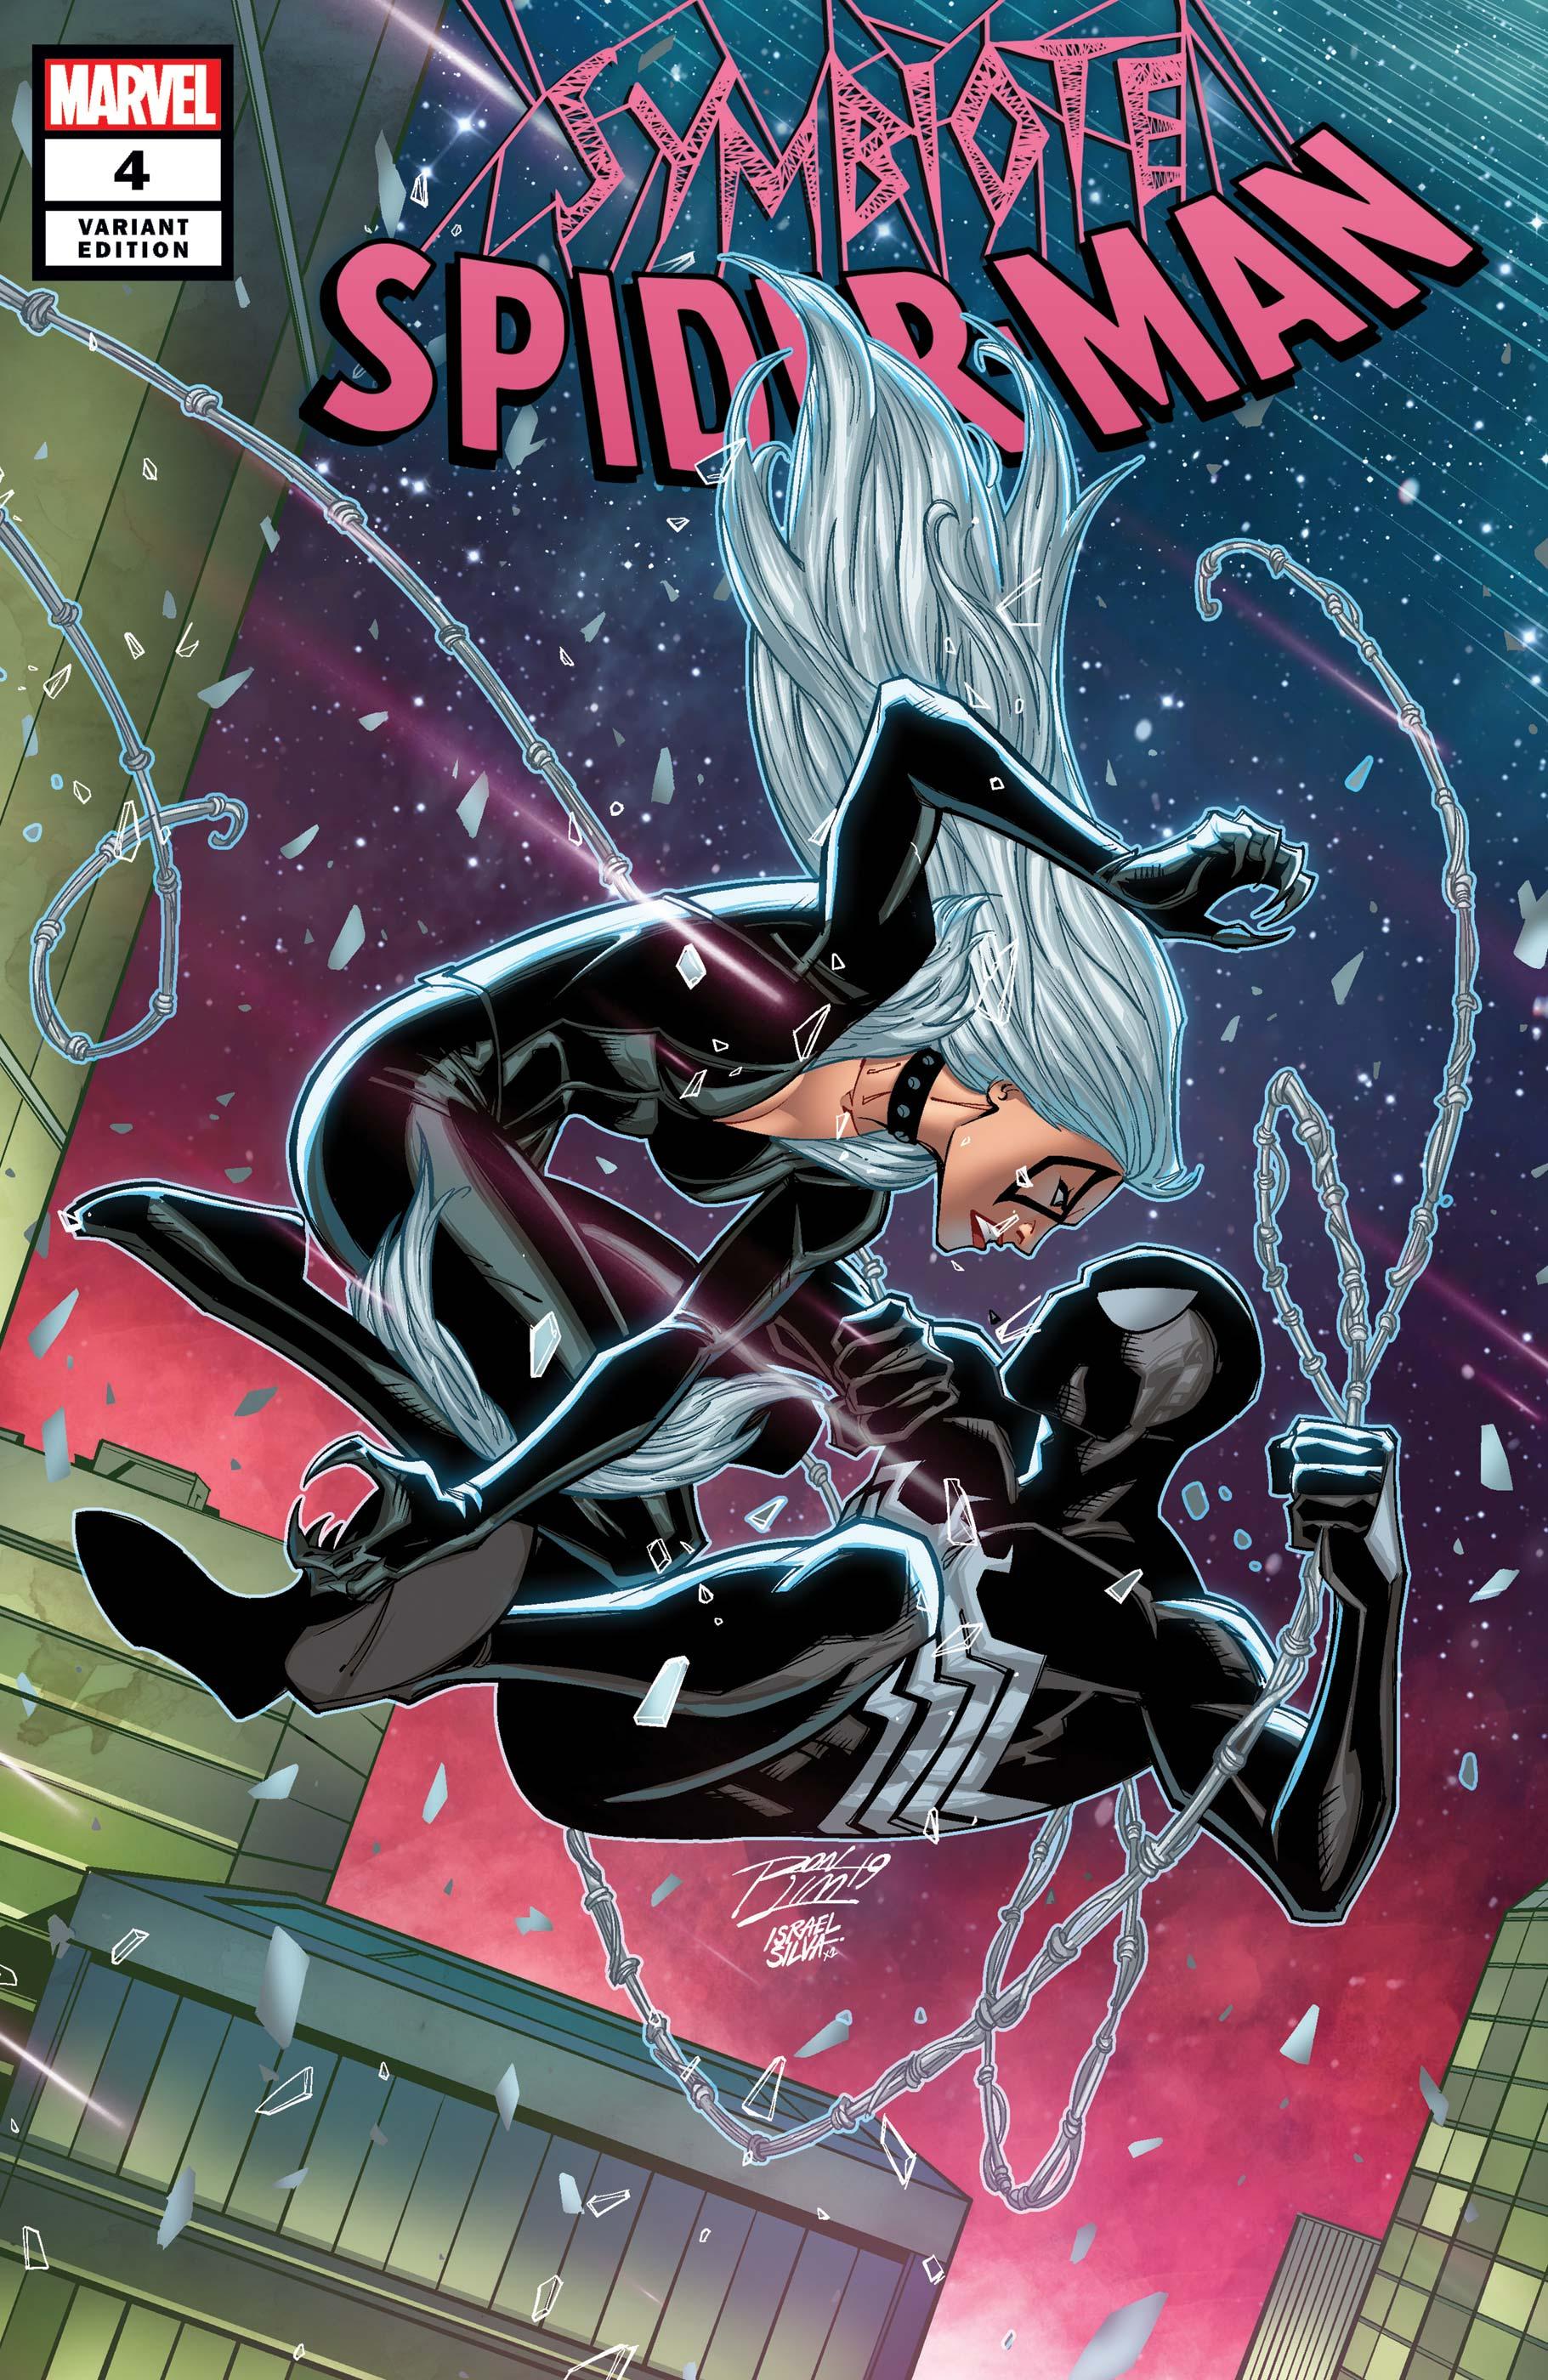 Symbiote Spider-Man (2019) #4 (Variant)